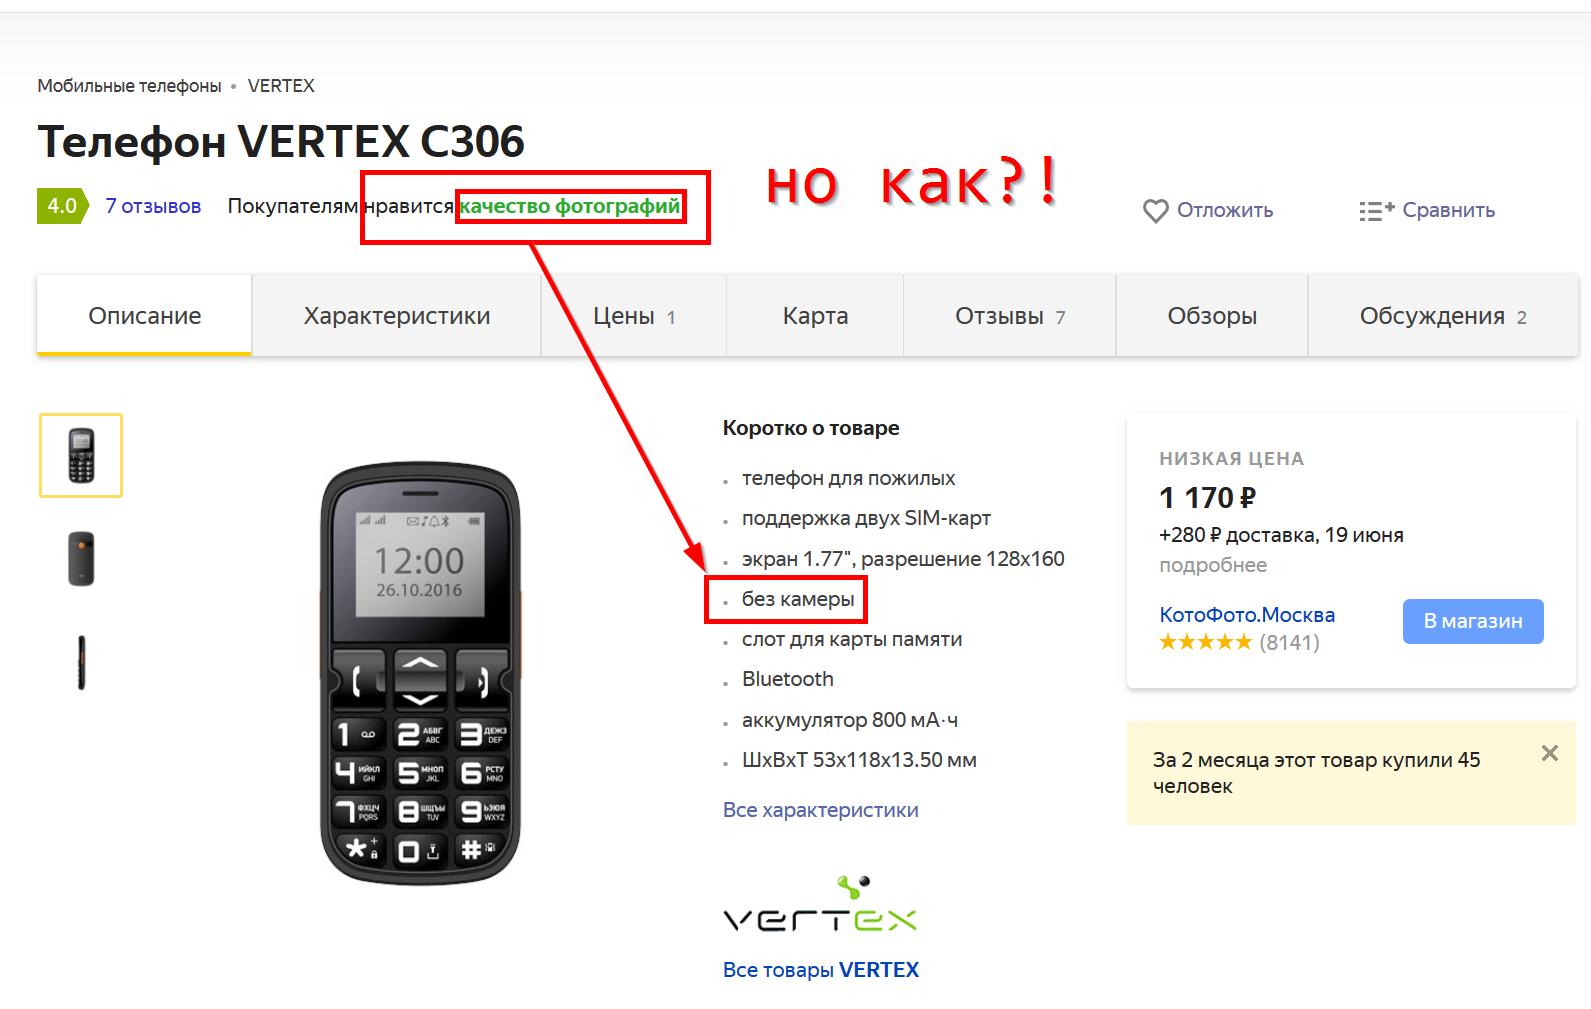 качество фотографий Телефон VERTEX C306